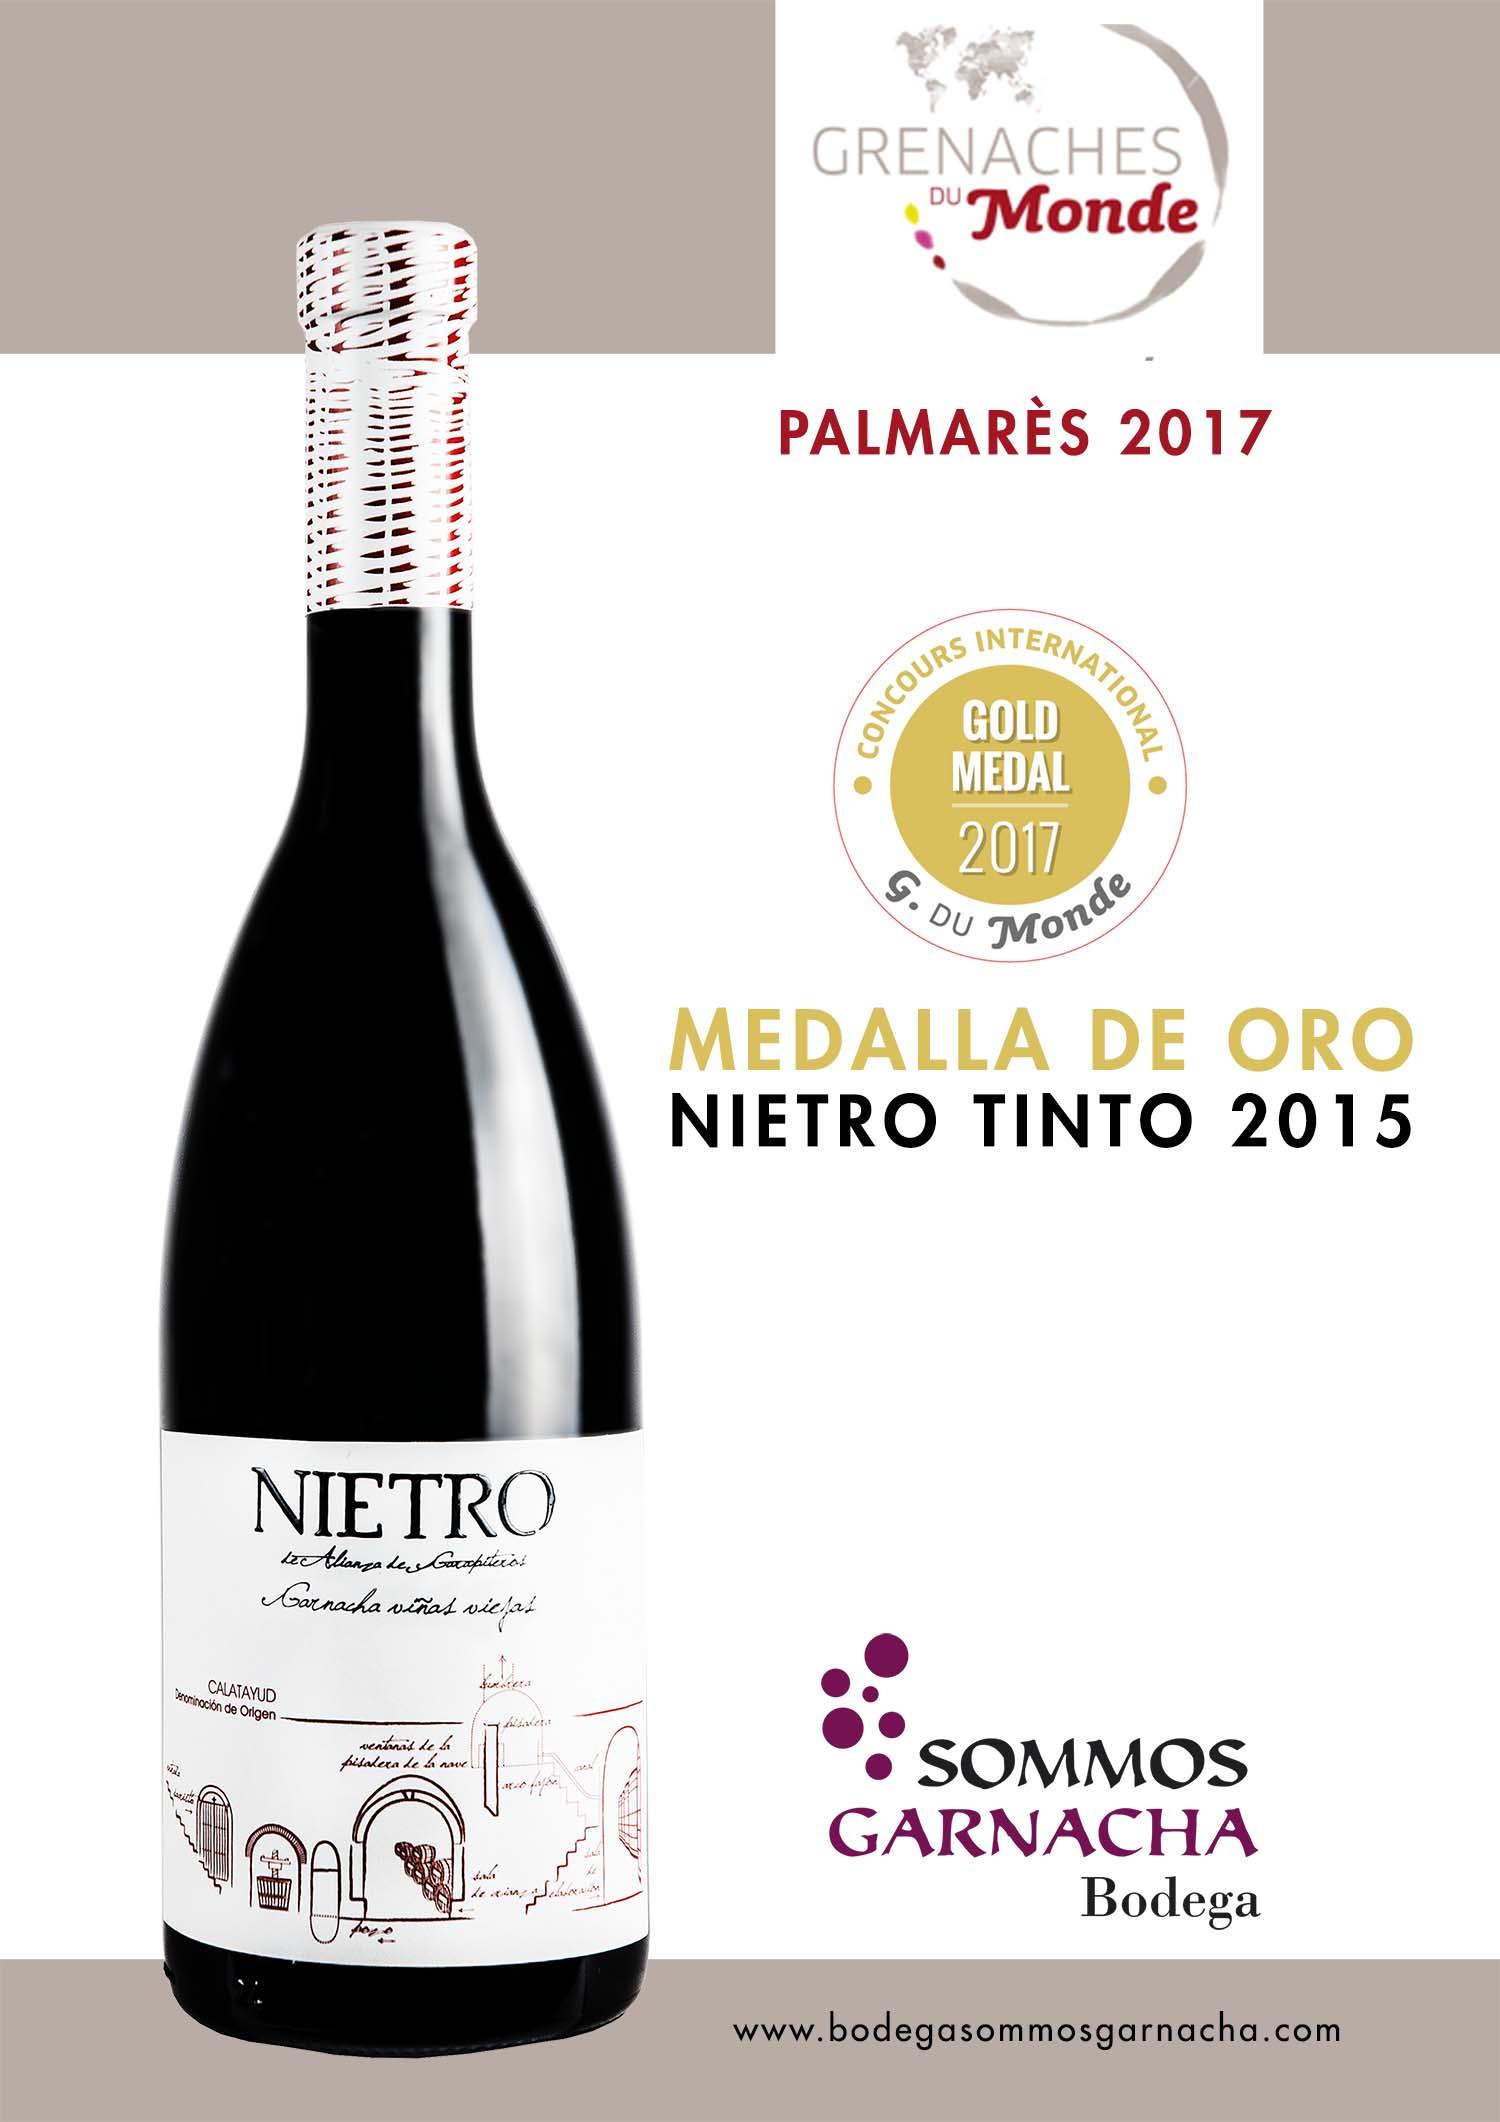 Nietro Tinto 2015 Medalla de Oro - Bodega SOMMOS